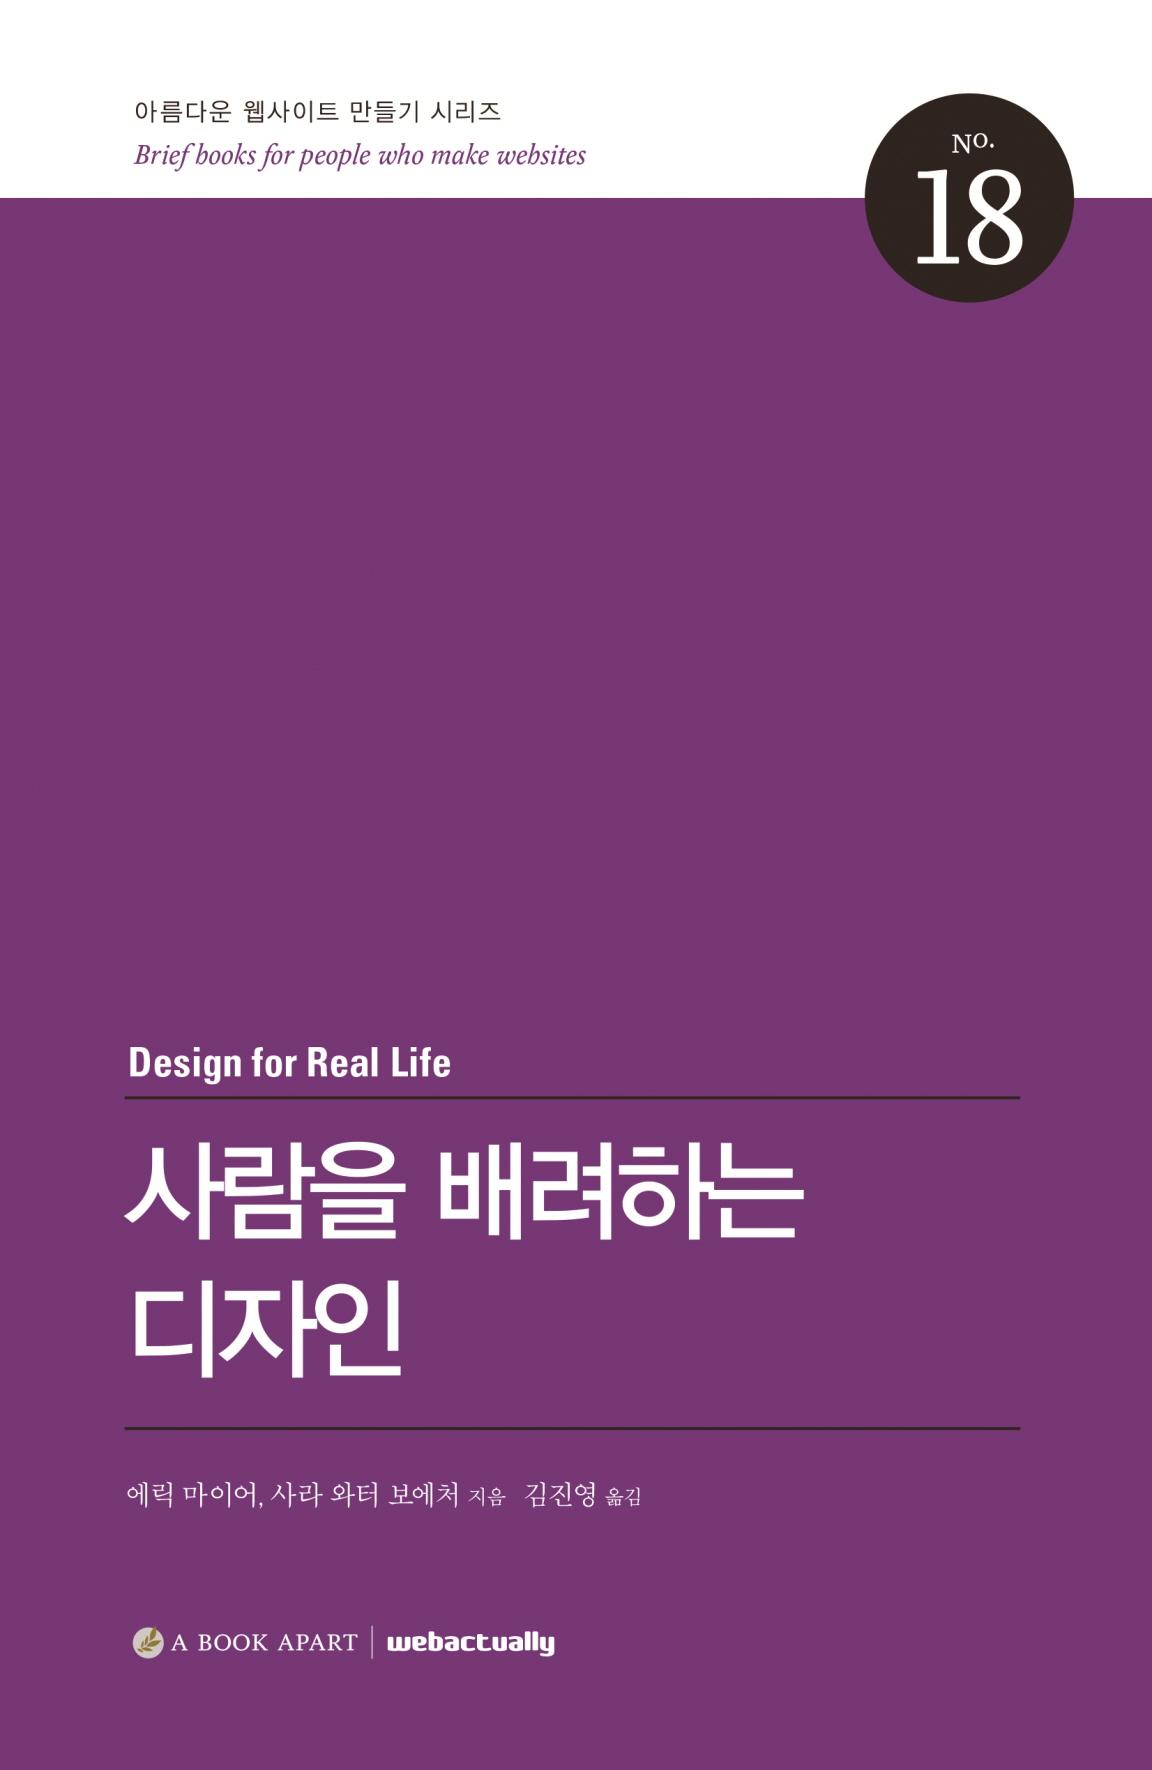 사람을 배려하는 디자인